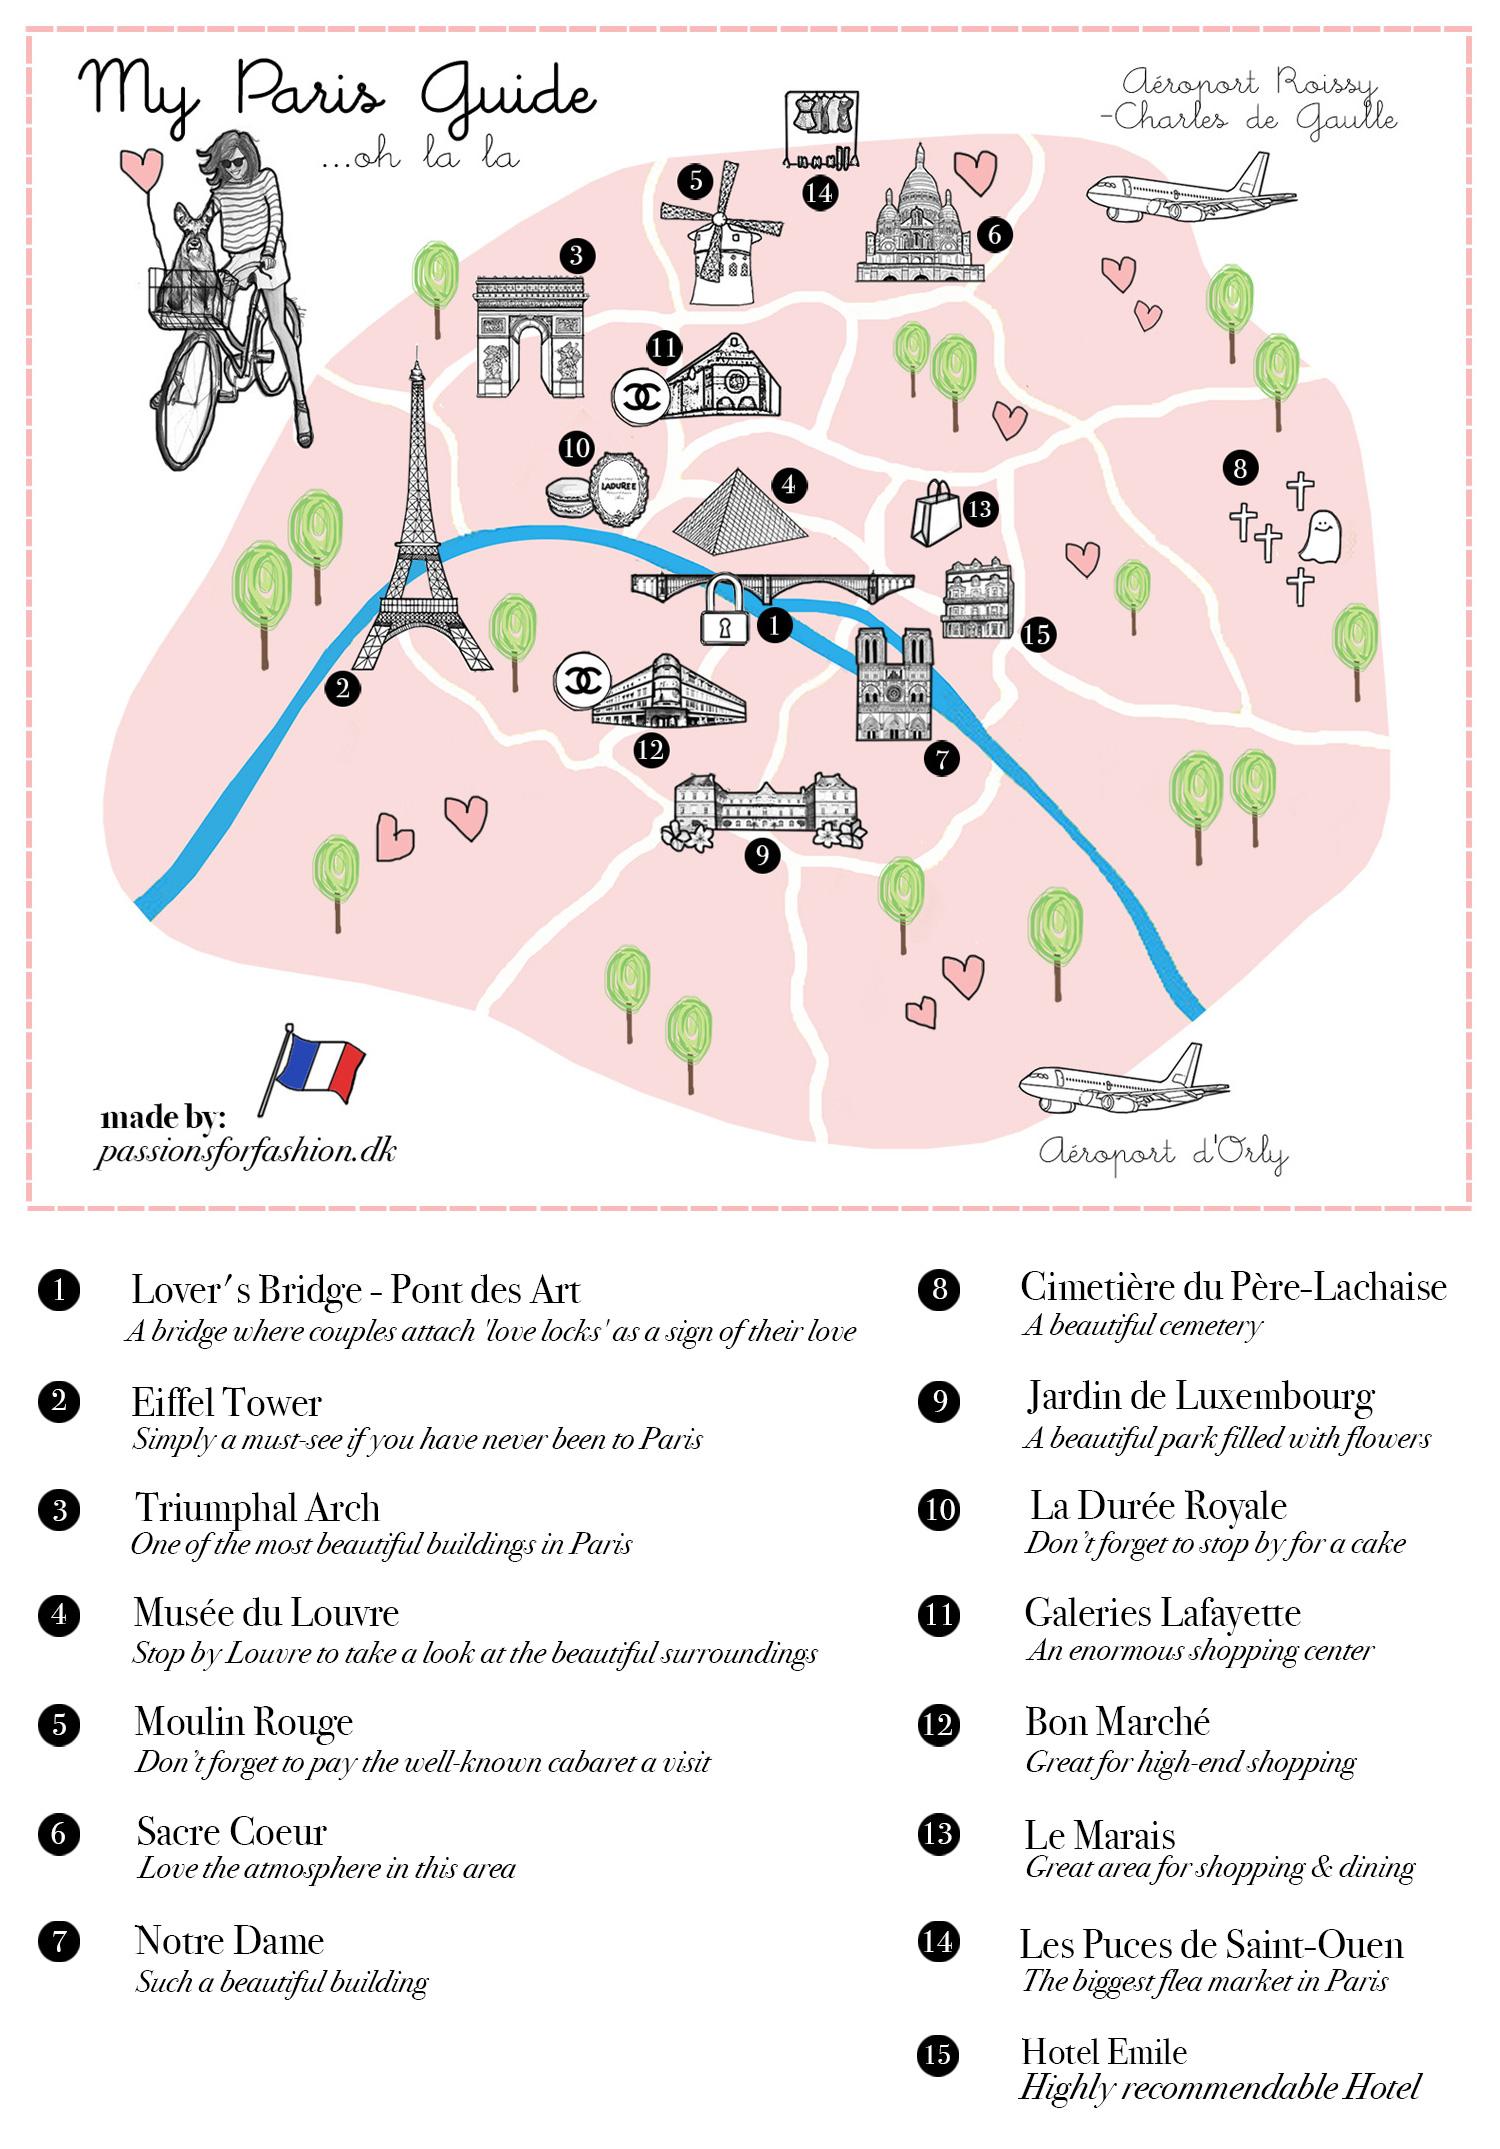 paris-guide,-storbyferie,-hotel-paris,-paris-turist@2x